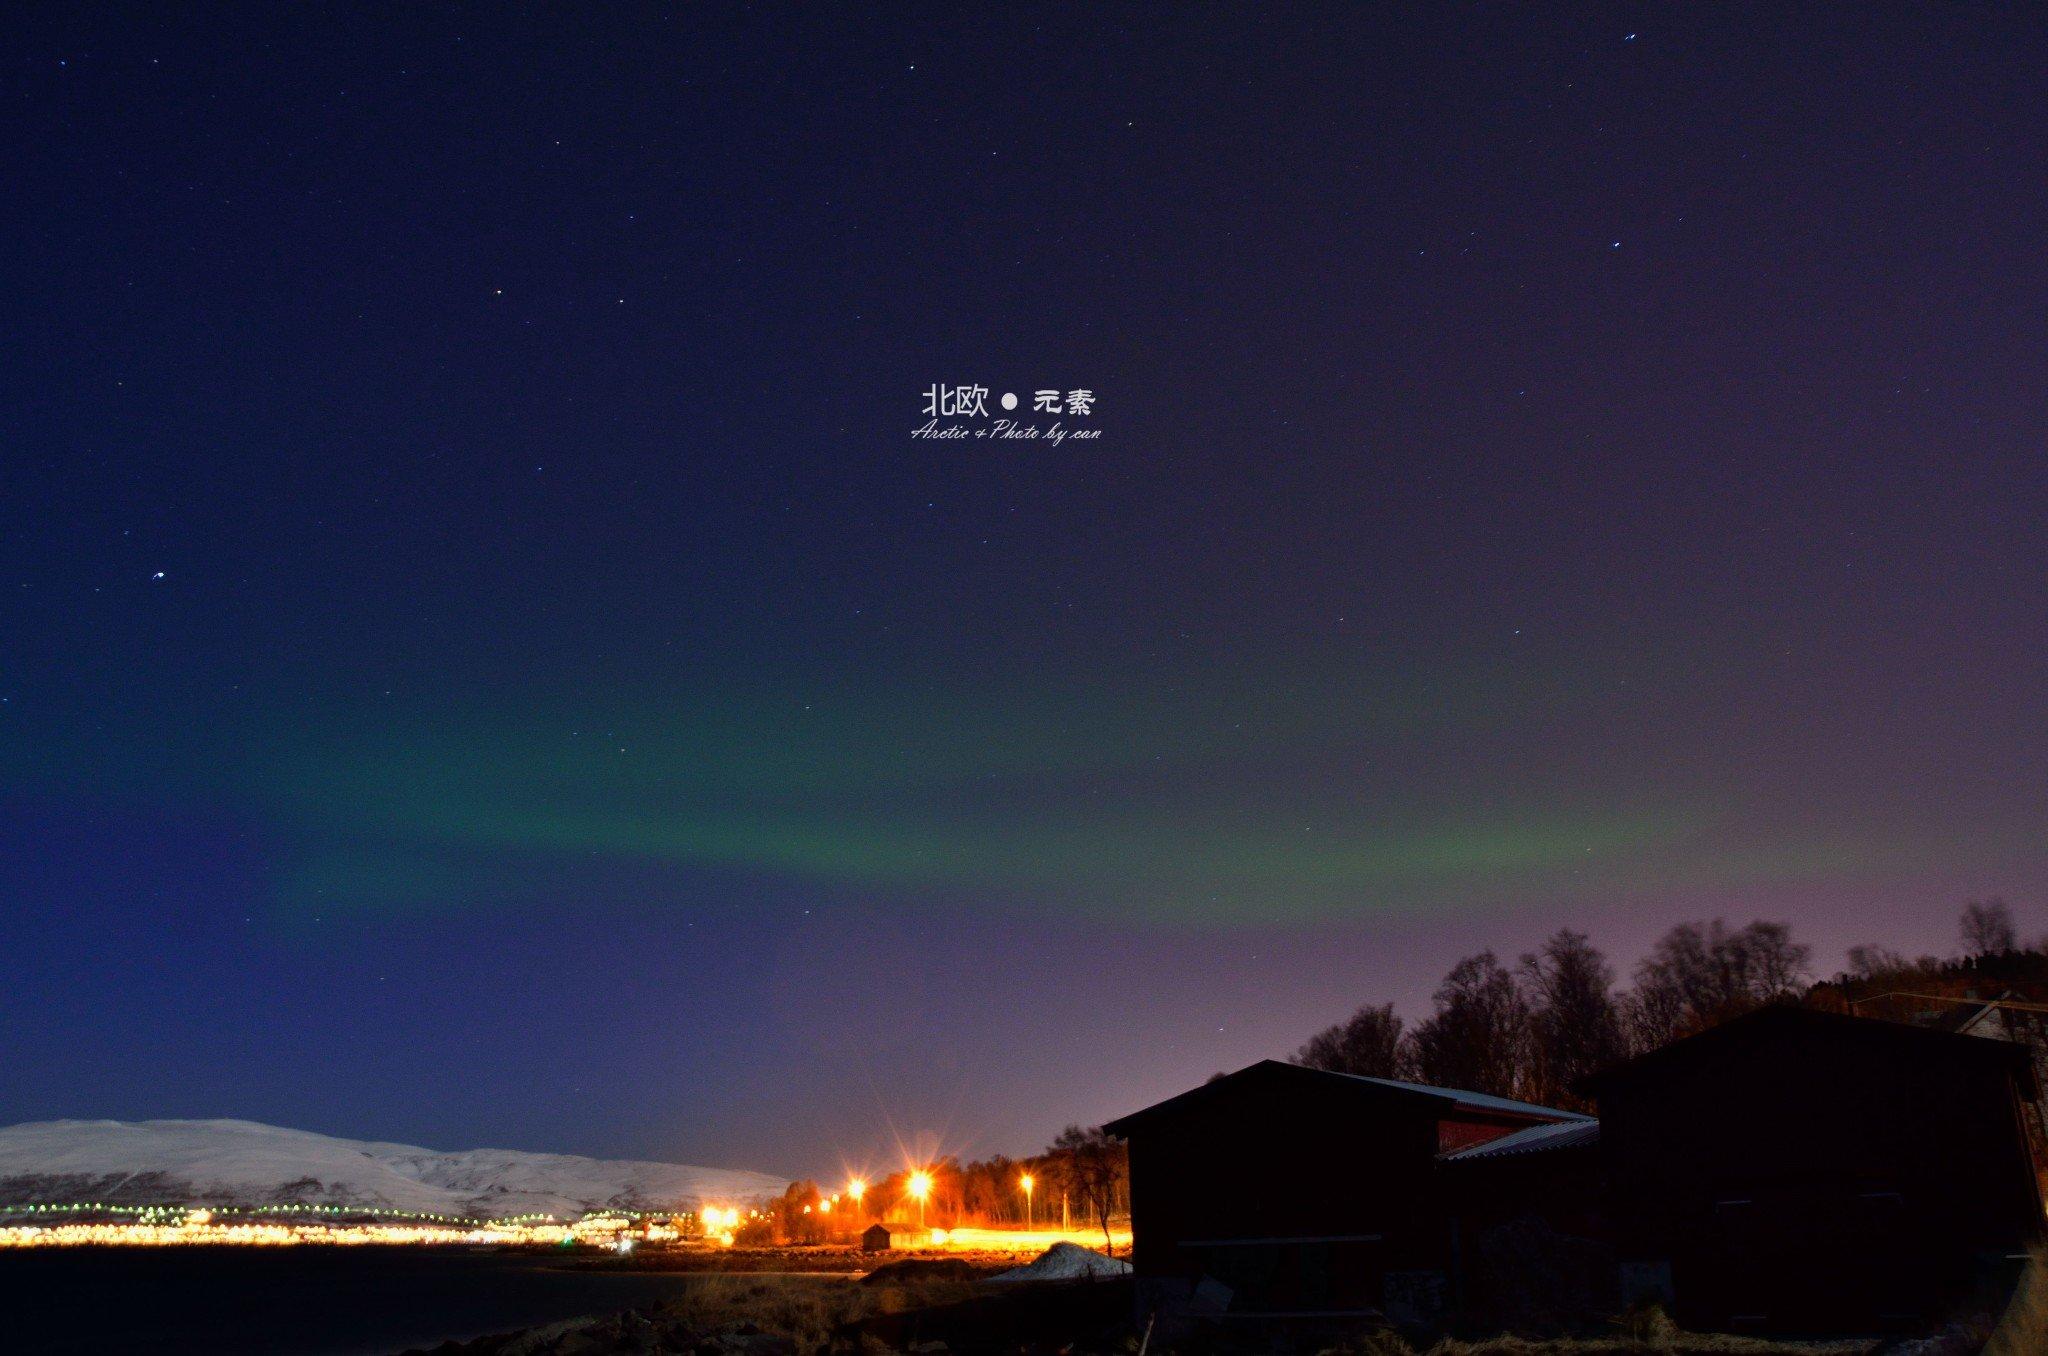 恋上北欧—北欧四国首都+基律纳+阿比斯库+特罗姆瑟--极光、狗拉雪橇、雪地摩托